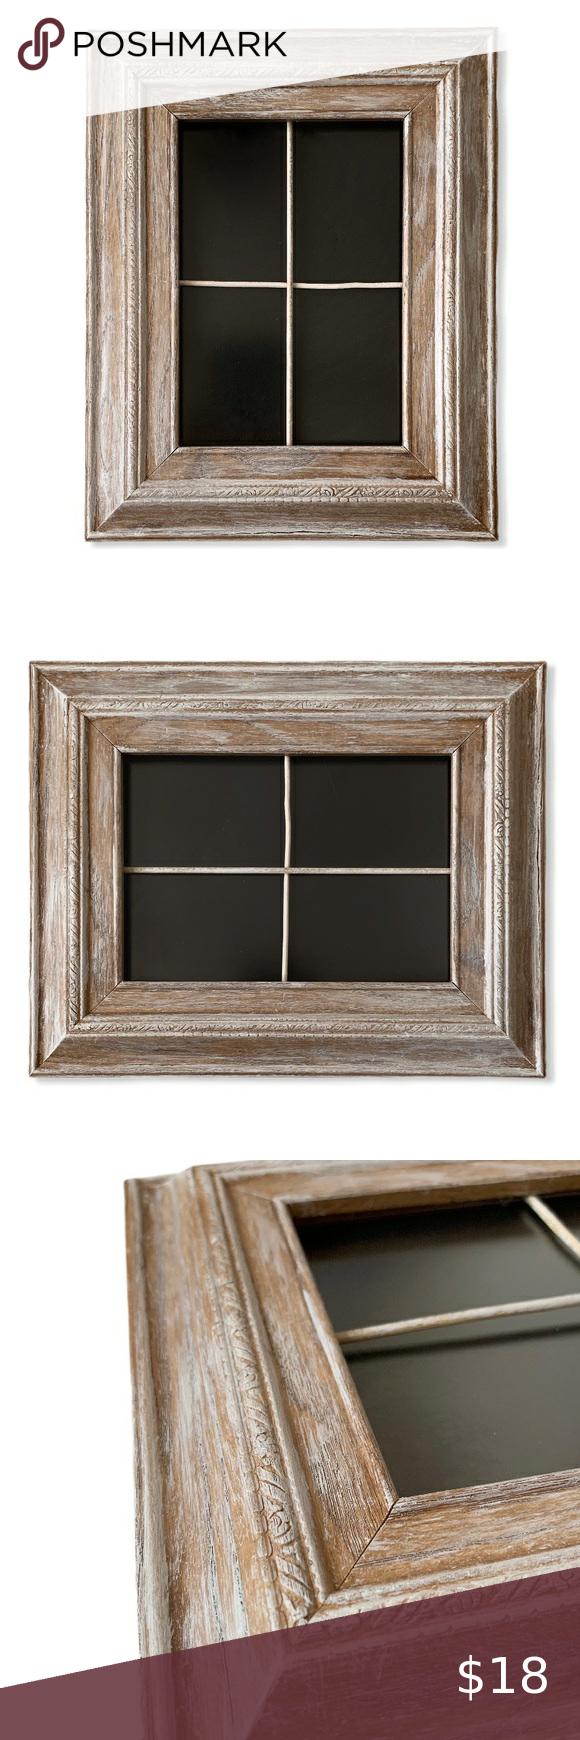 Windowpane Picture Frame Wood Whitewashed 5x7 Farmhouse Shabby Chic Rustic Whitewashed Wood Window Pane Picture Frame For 5x7 P Picture Frames Wood Frame Wood